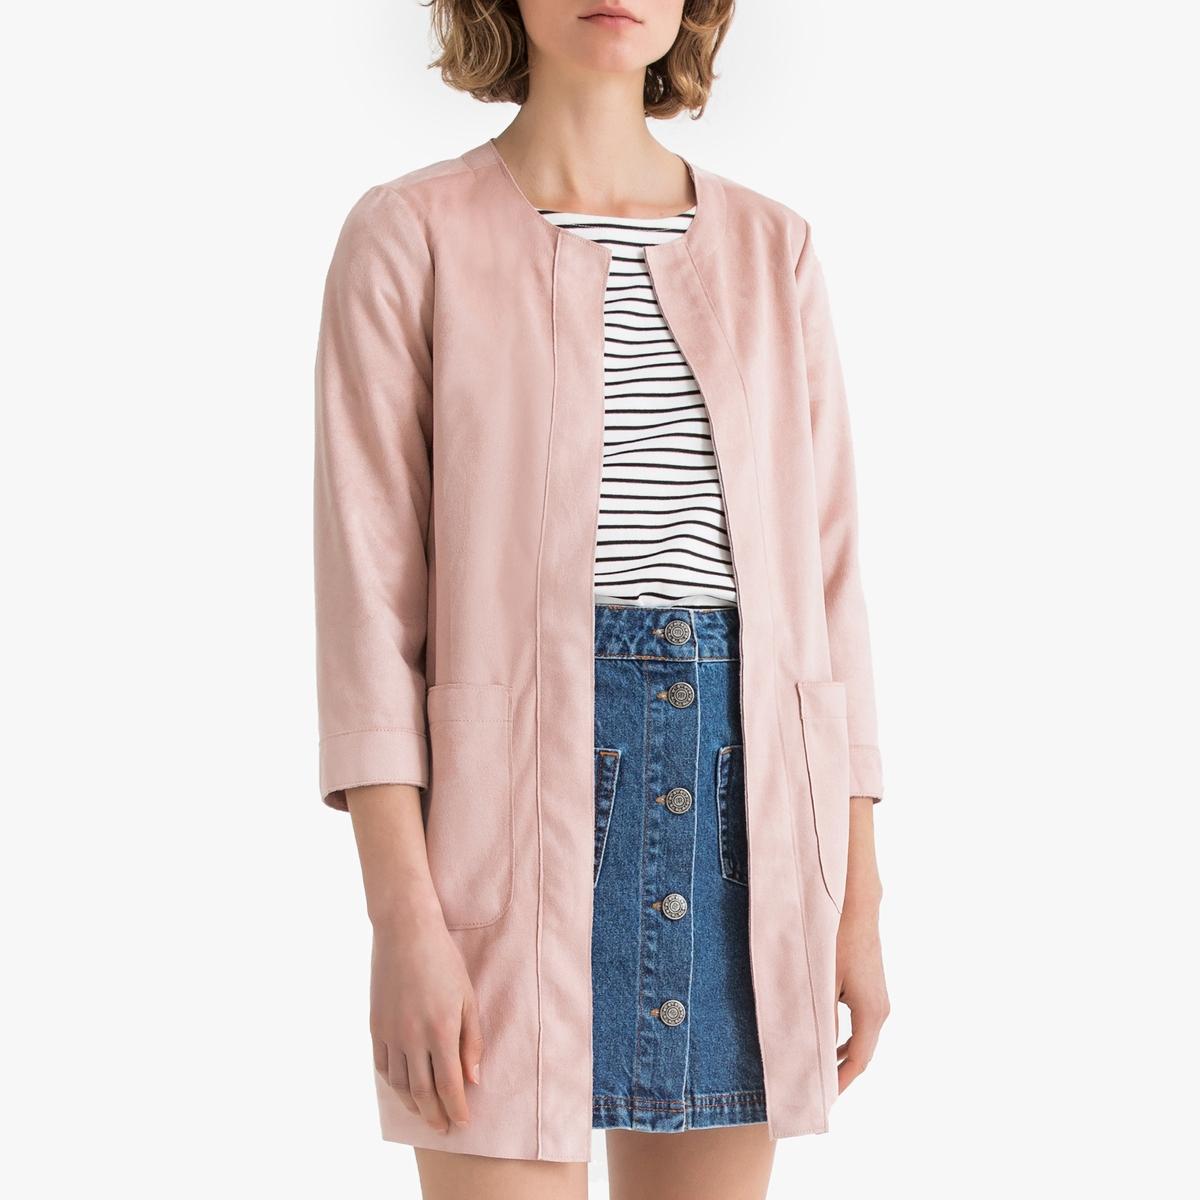 Жакет La Redoute Длинный прямого покроя с круглым вырезом M розовый бушлат длинный покроя оверсайз